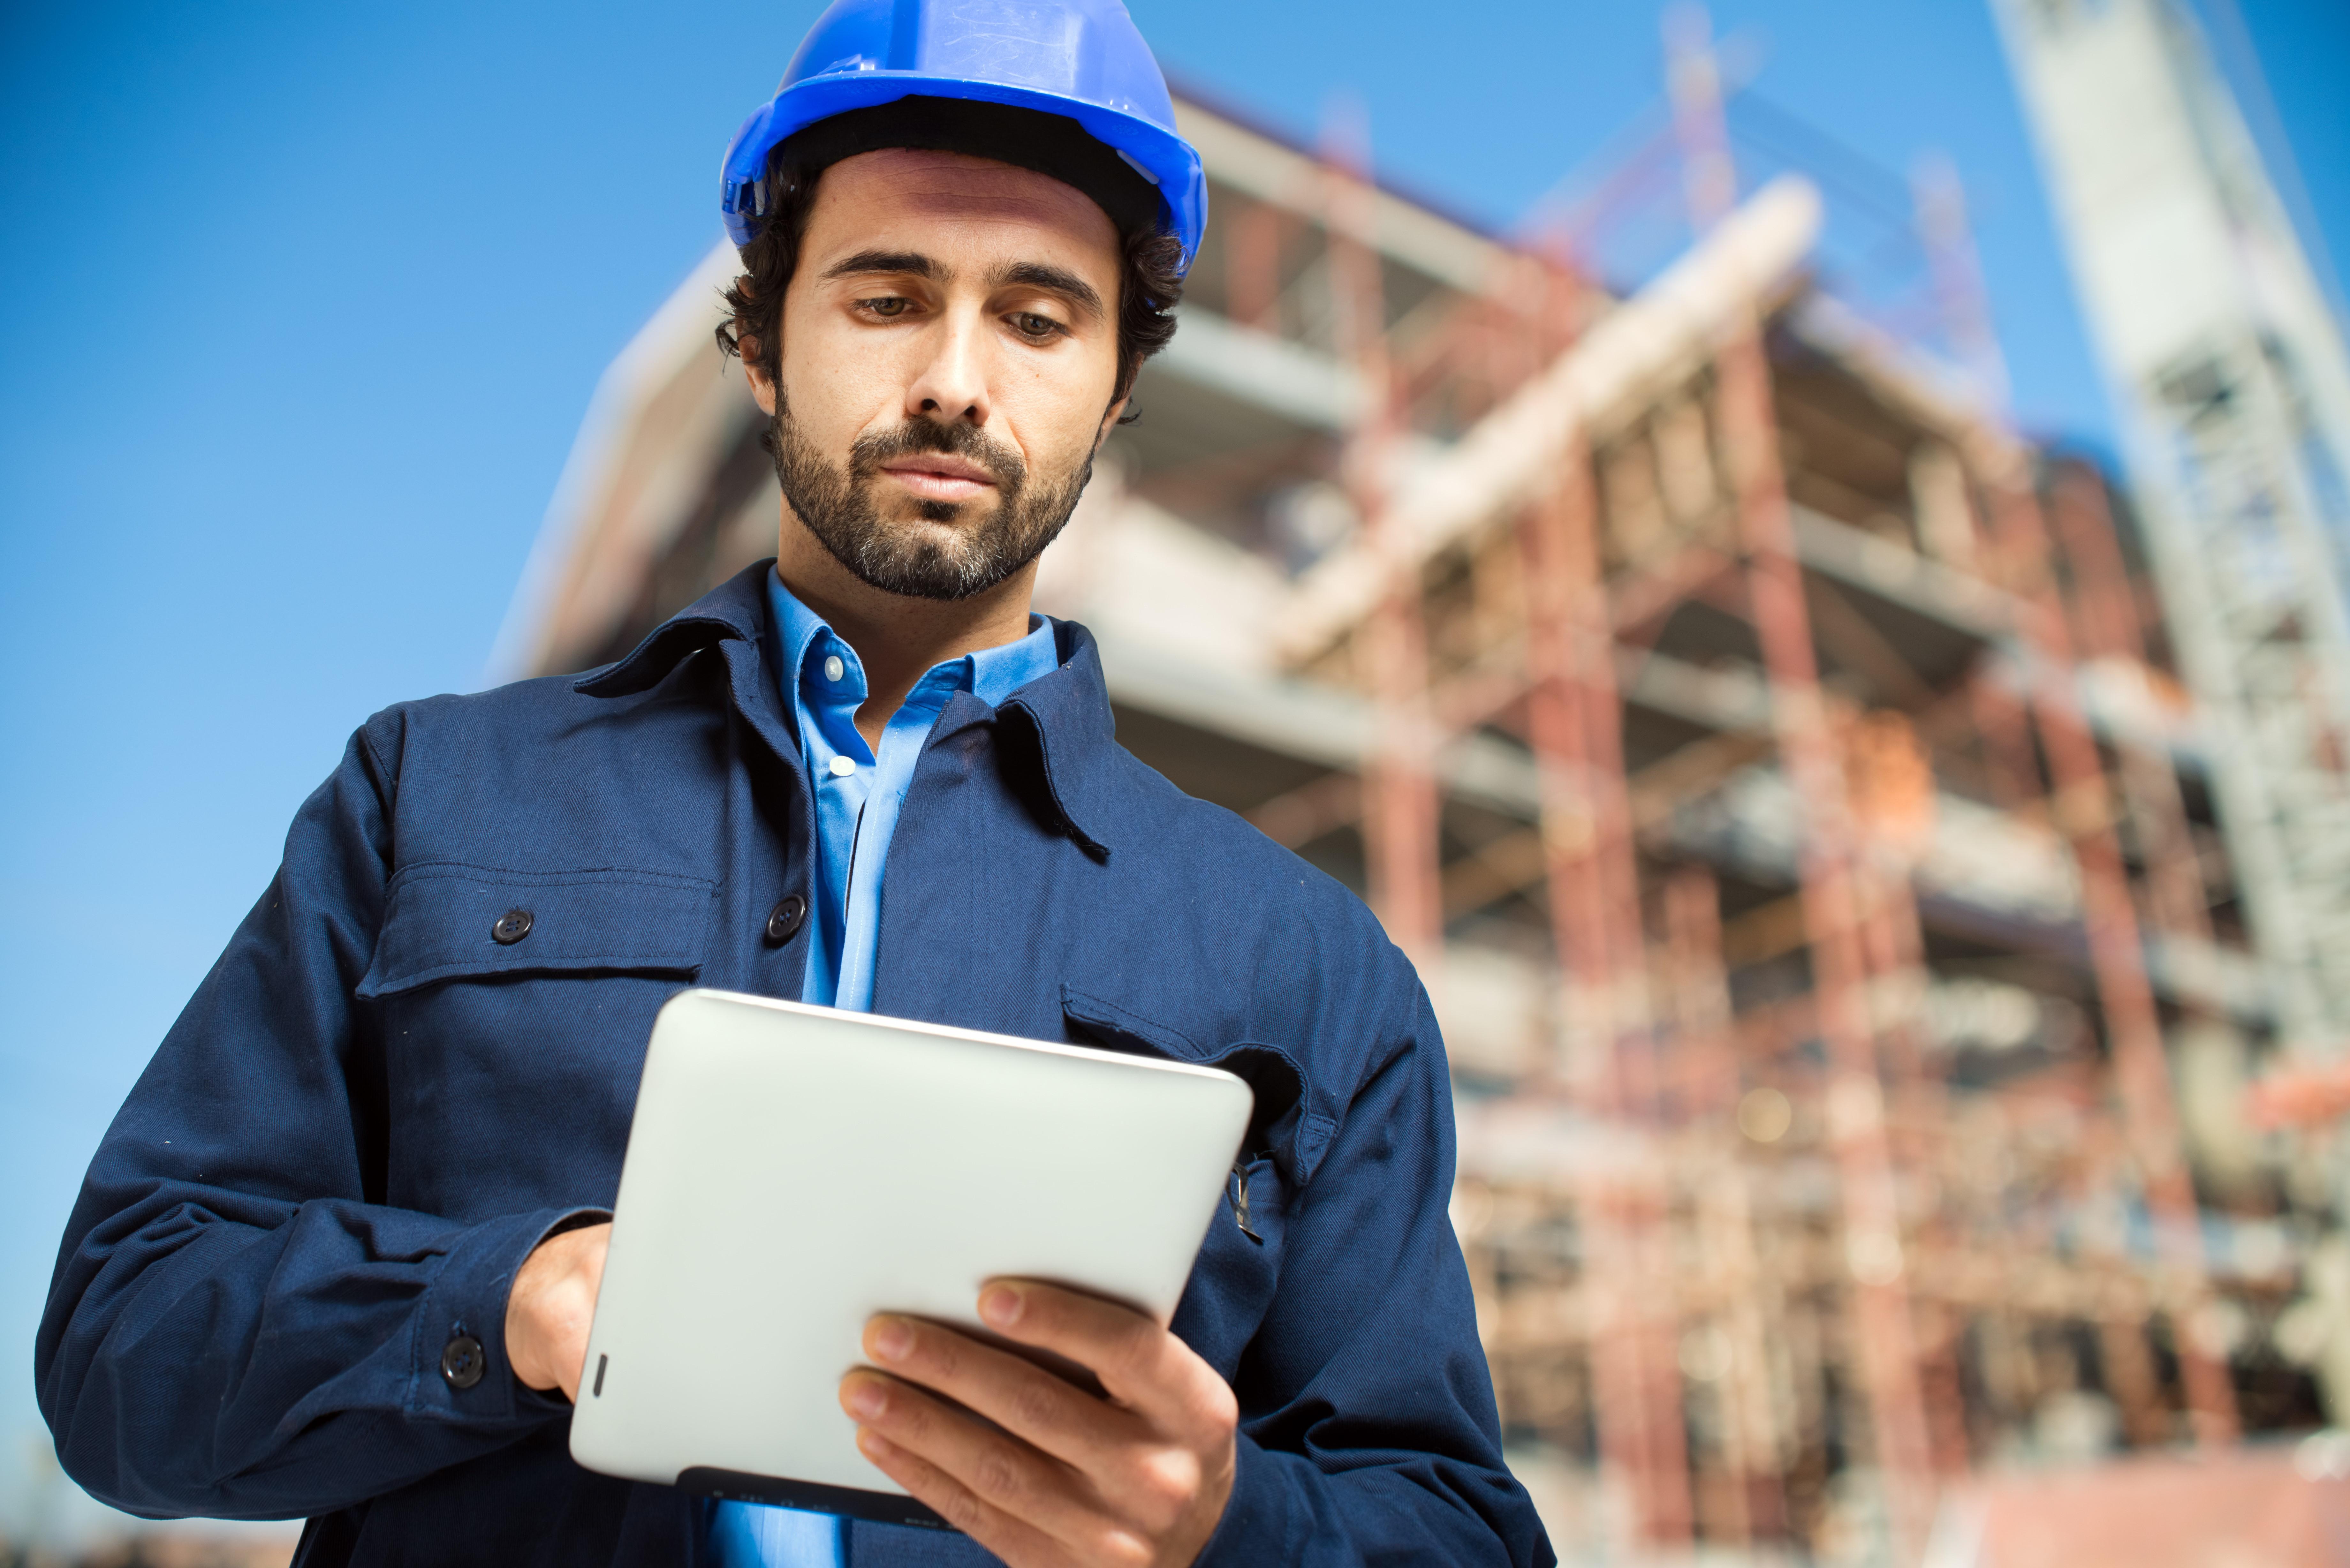 Digitalisering van het inspectieproces met de Bosch Inspections App